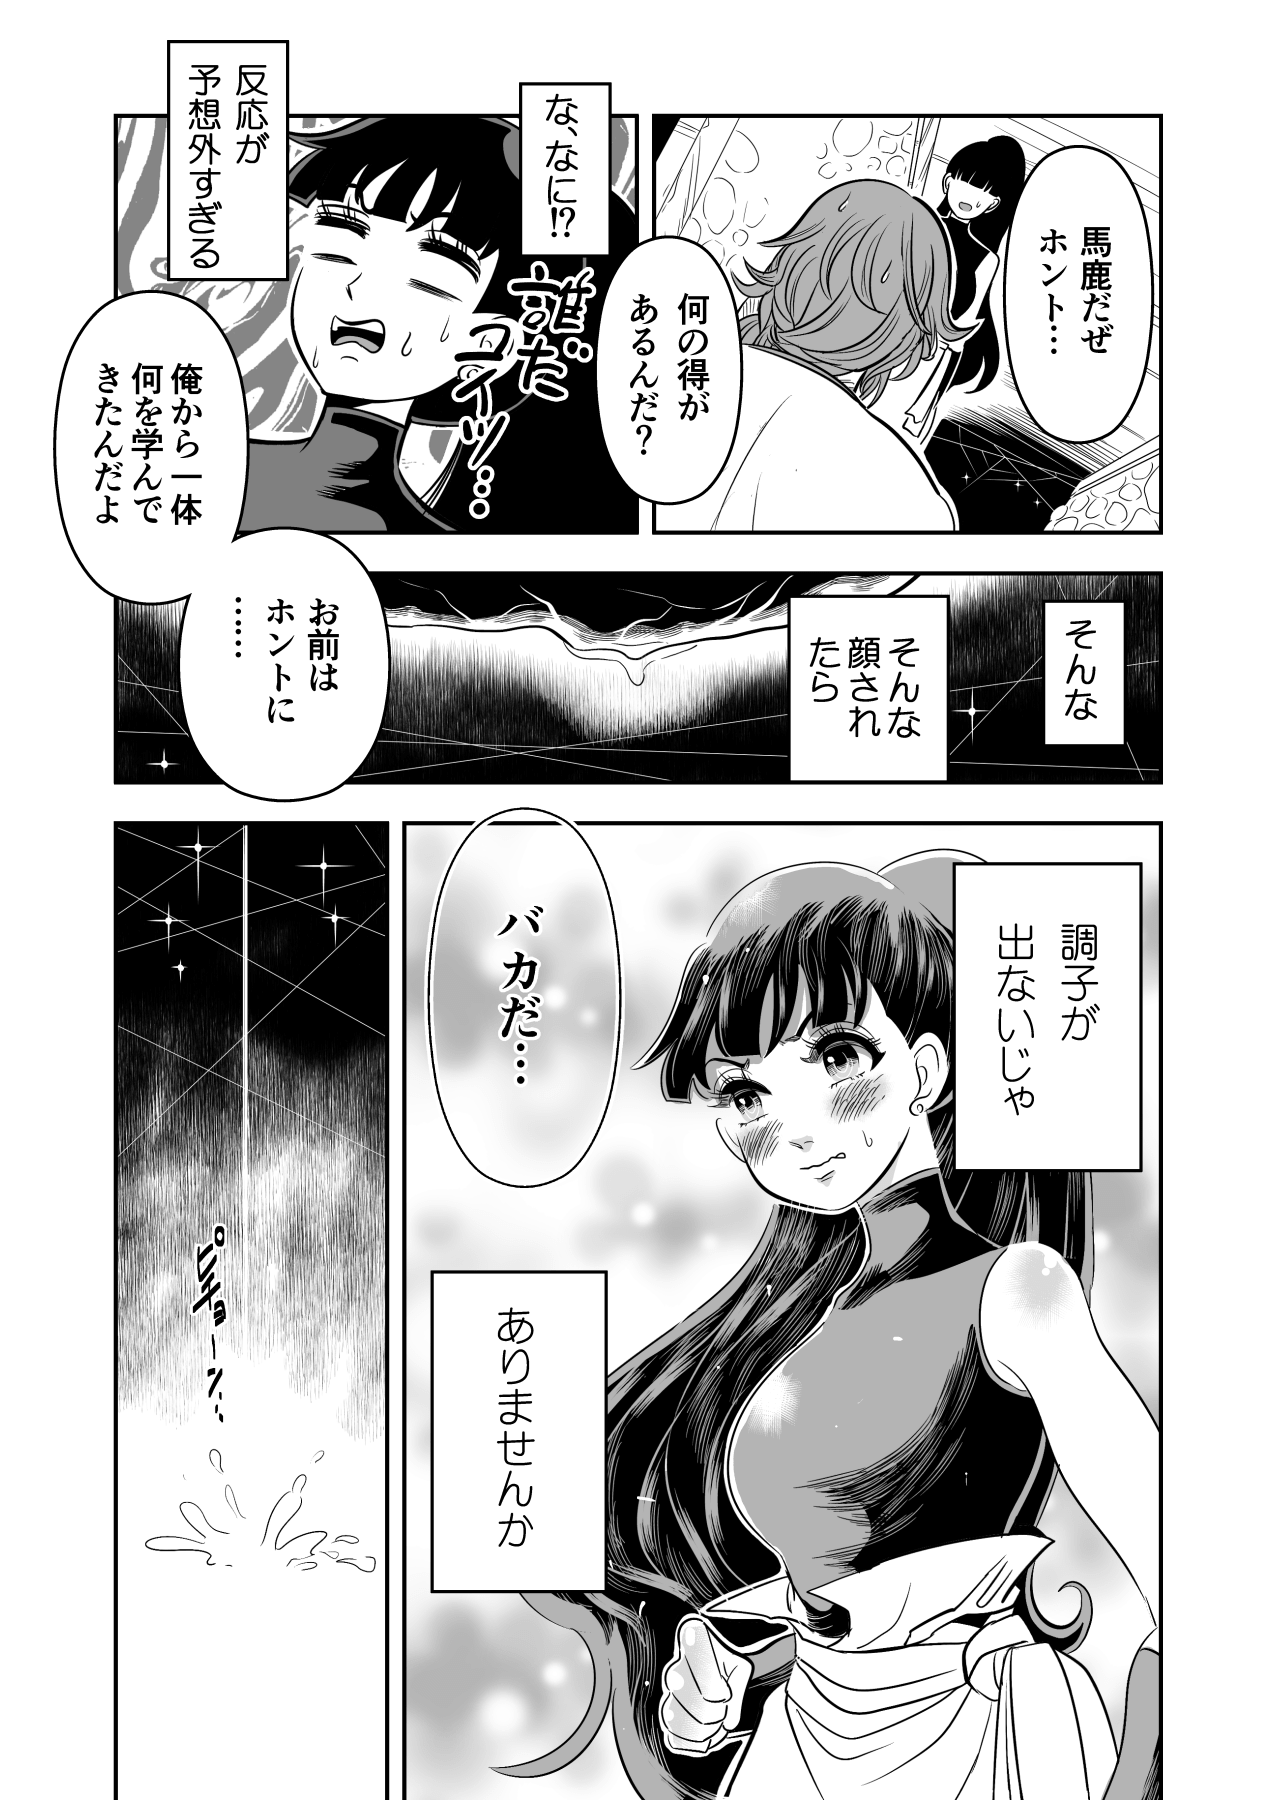 ヤサグレ魔女と第1王子と吸血鬼⑨ (17)-min